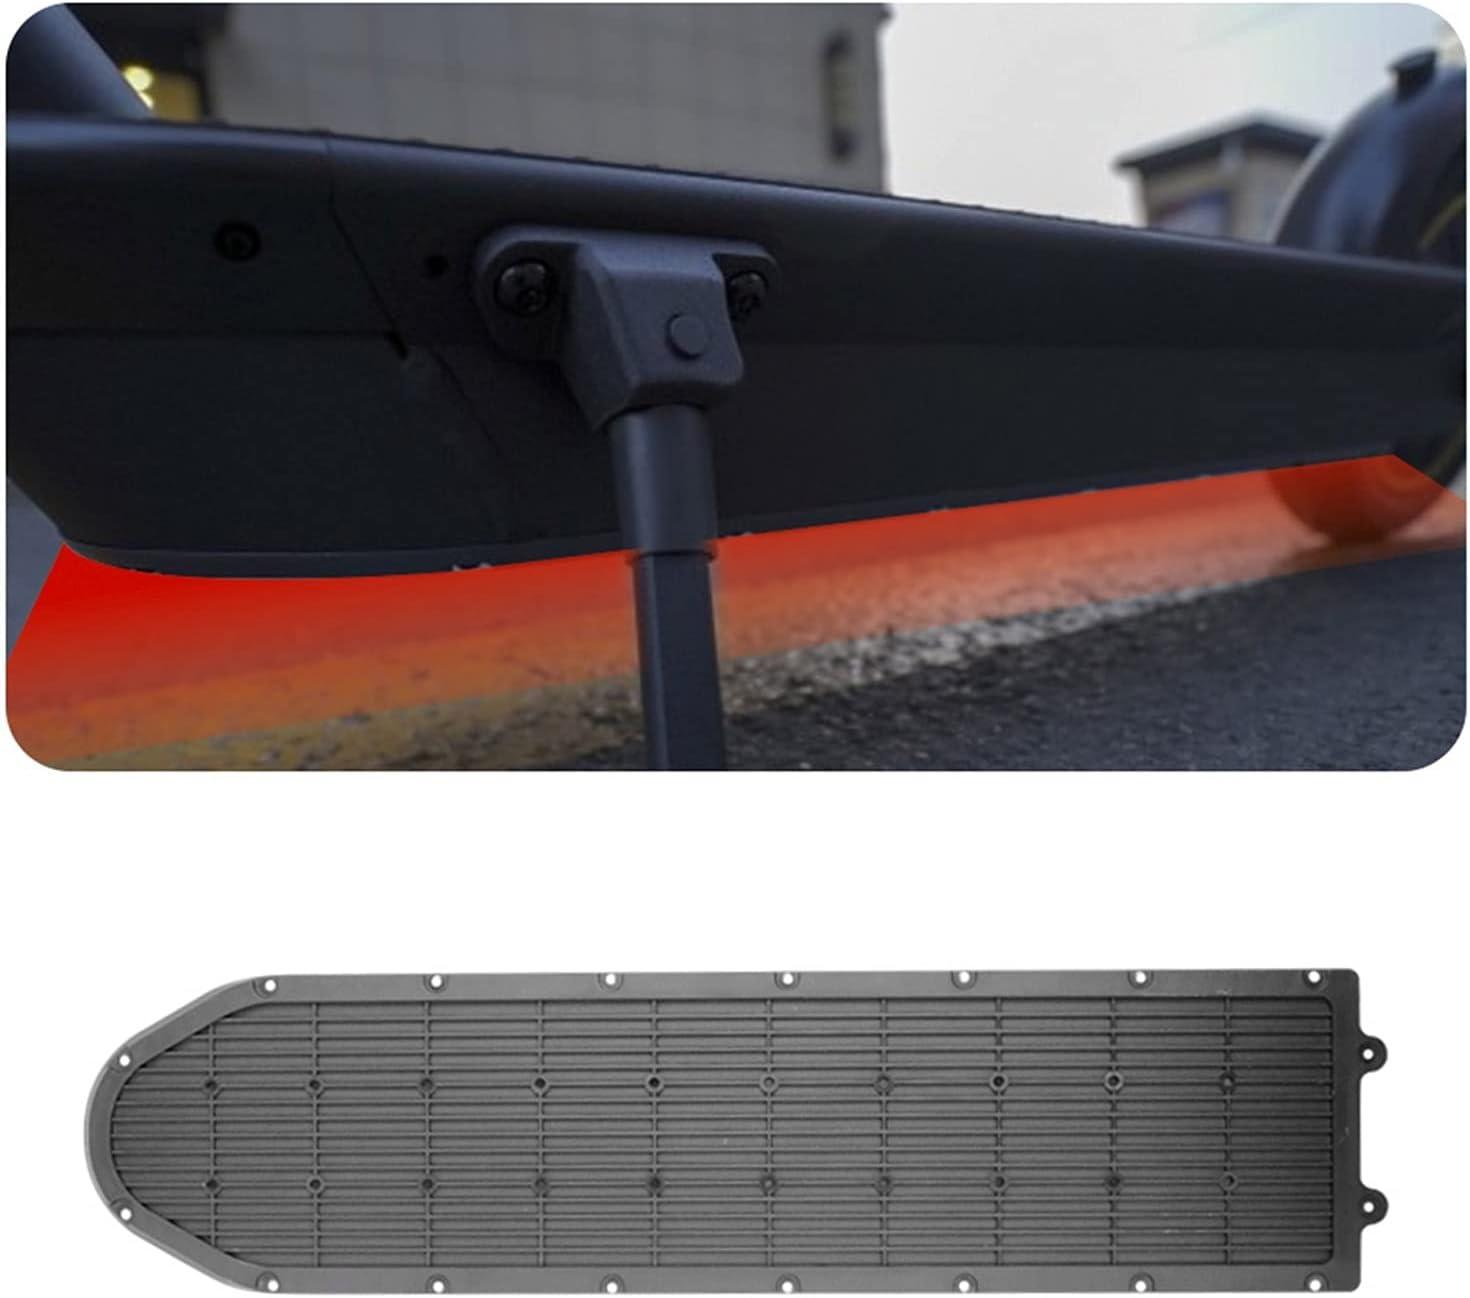 YMQ Store Nueva cubierta del compartimiento de la batería del scooter Ajuste para Max G30 Electric Scooter Skateboard Chassis ABDOMINALES Piezas de la placa inferior de la batería ( Color : Black )